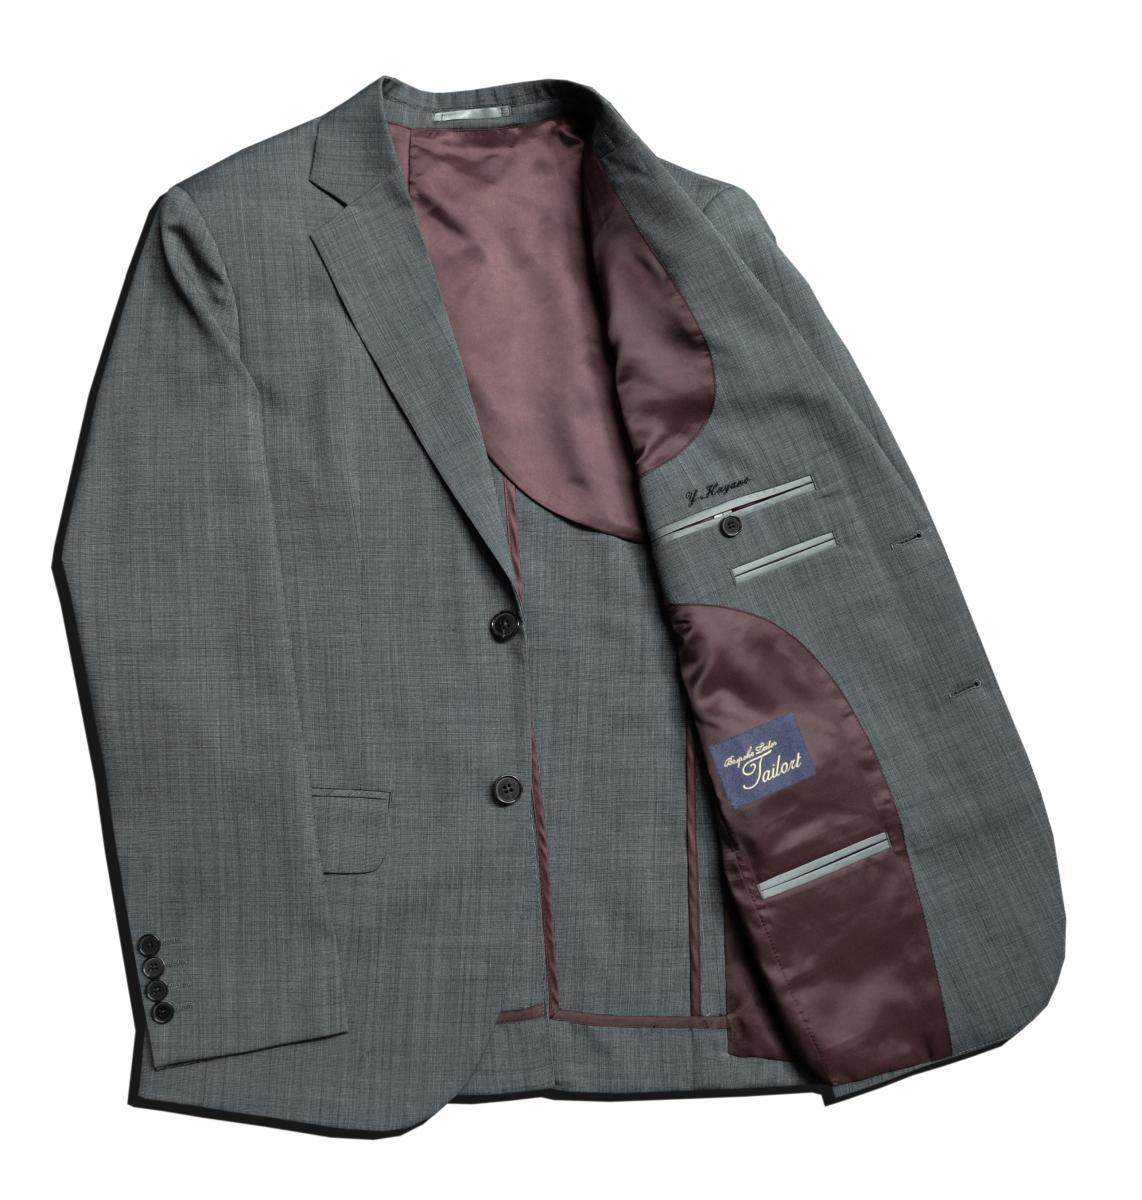 [オーダージャケット]ピンチェック柄でいつもとは少し違う雰囲気を。